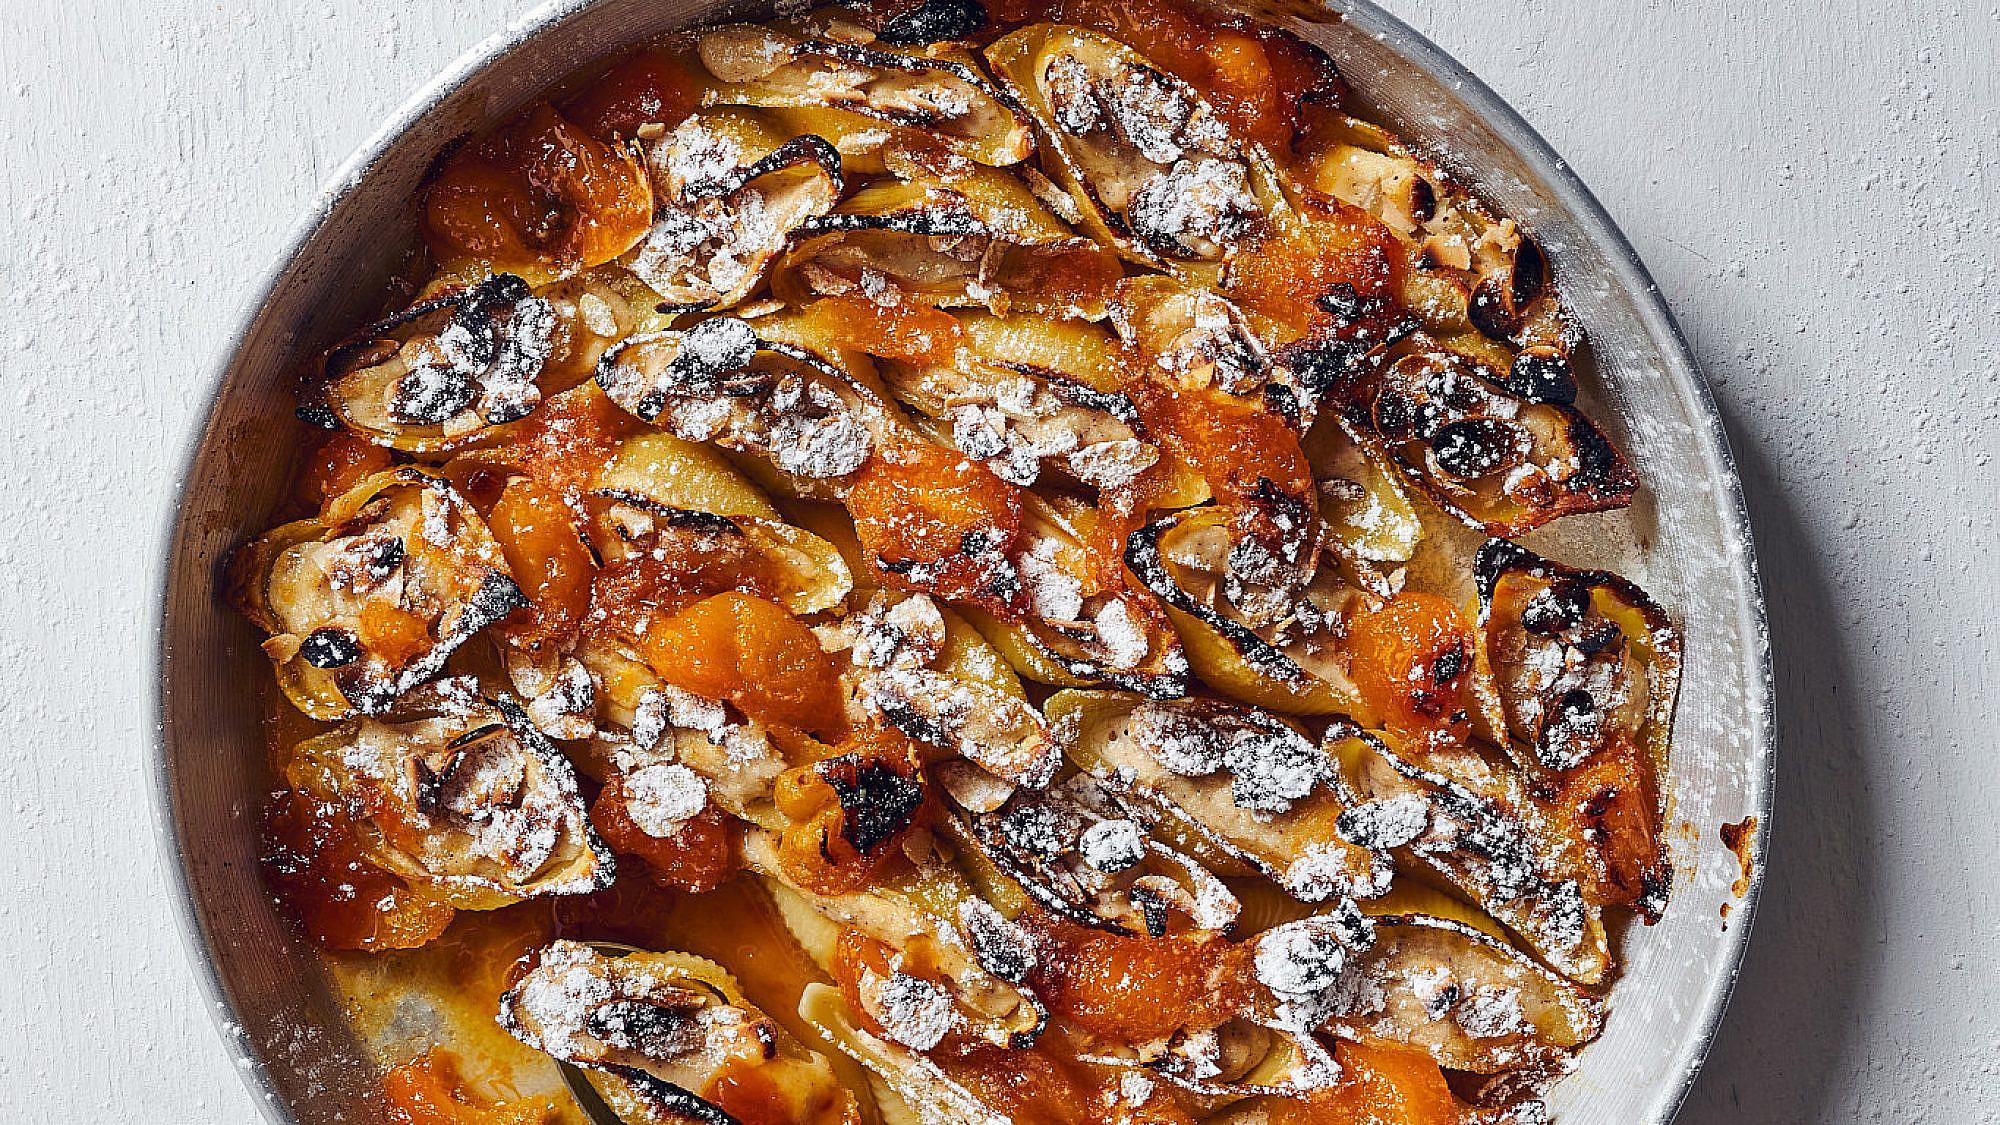 קונכיות פסטה ממולאות בגבינה של רותם ליברזון. צילום: אמיר מנחם